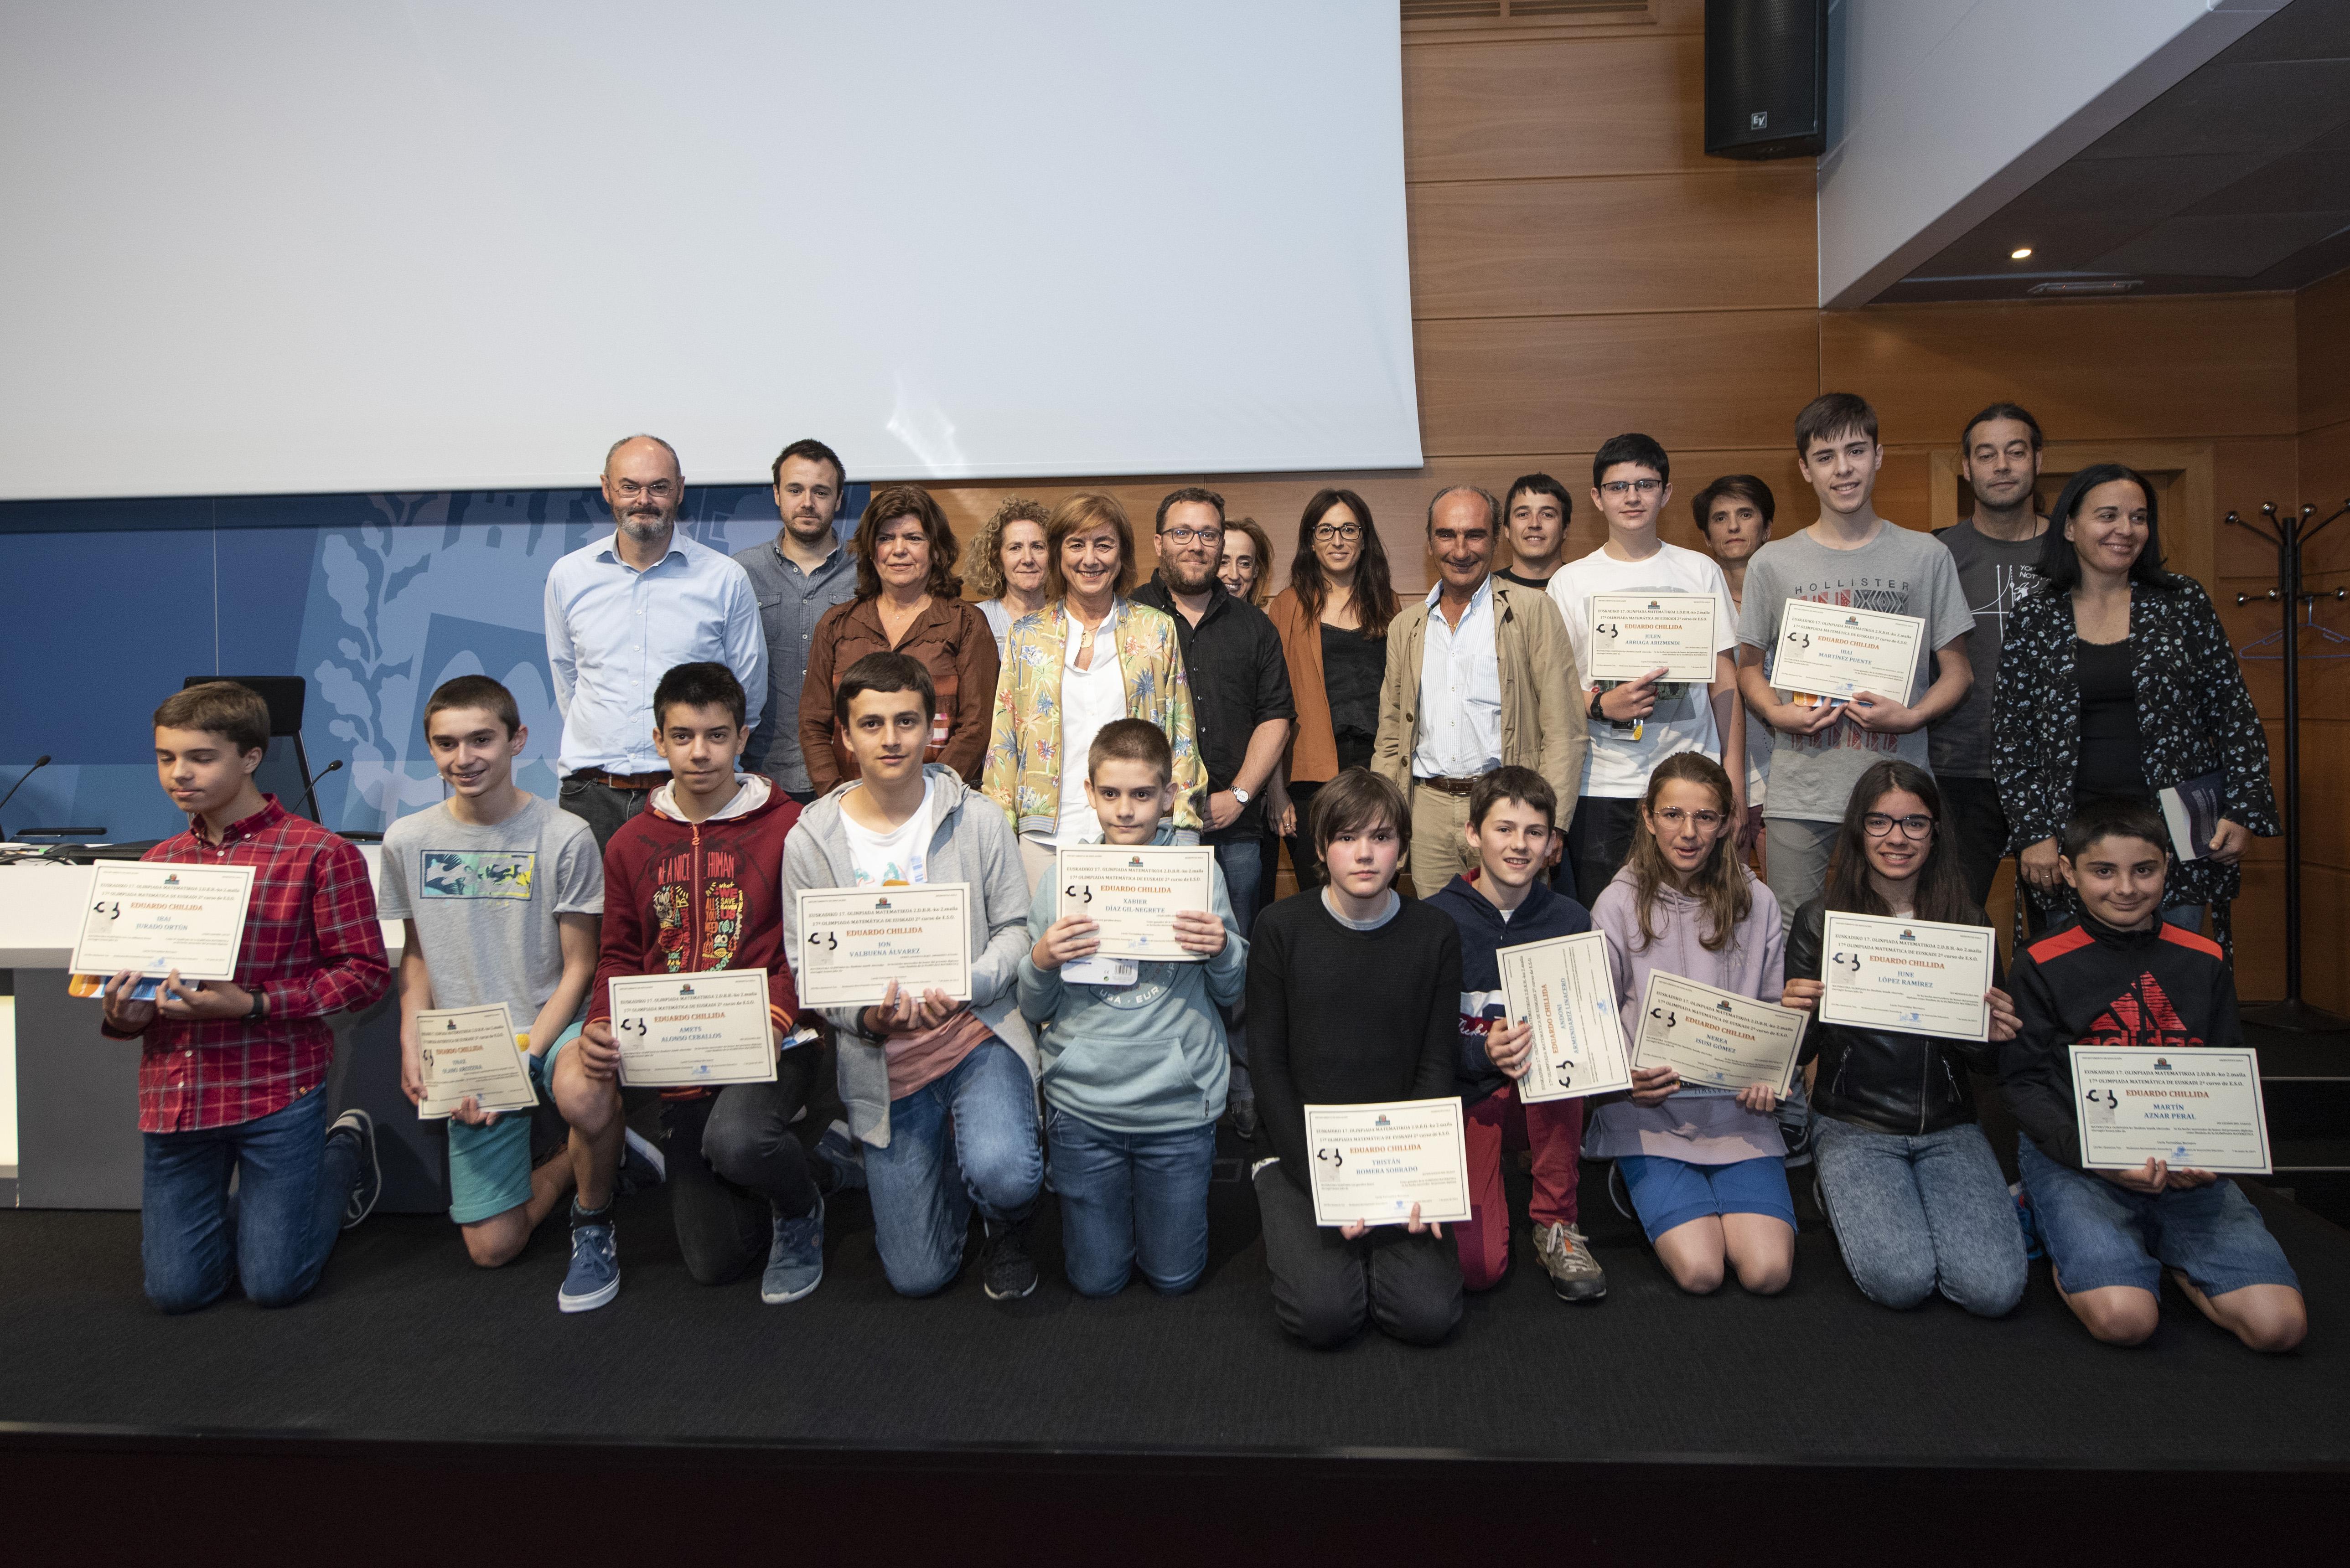 Cristina Uriarte entrega los premios de la XVII Olimpiada Matemática Eduardo Chillida